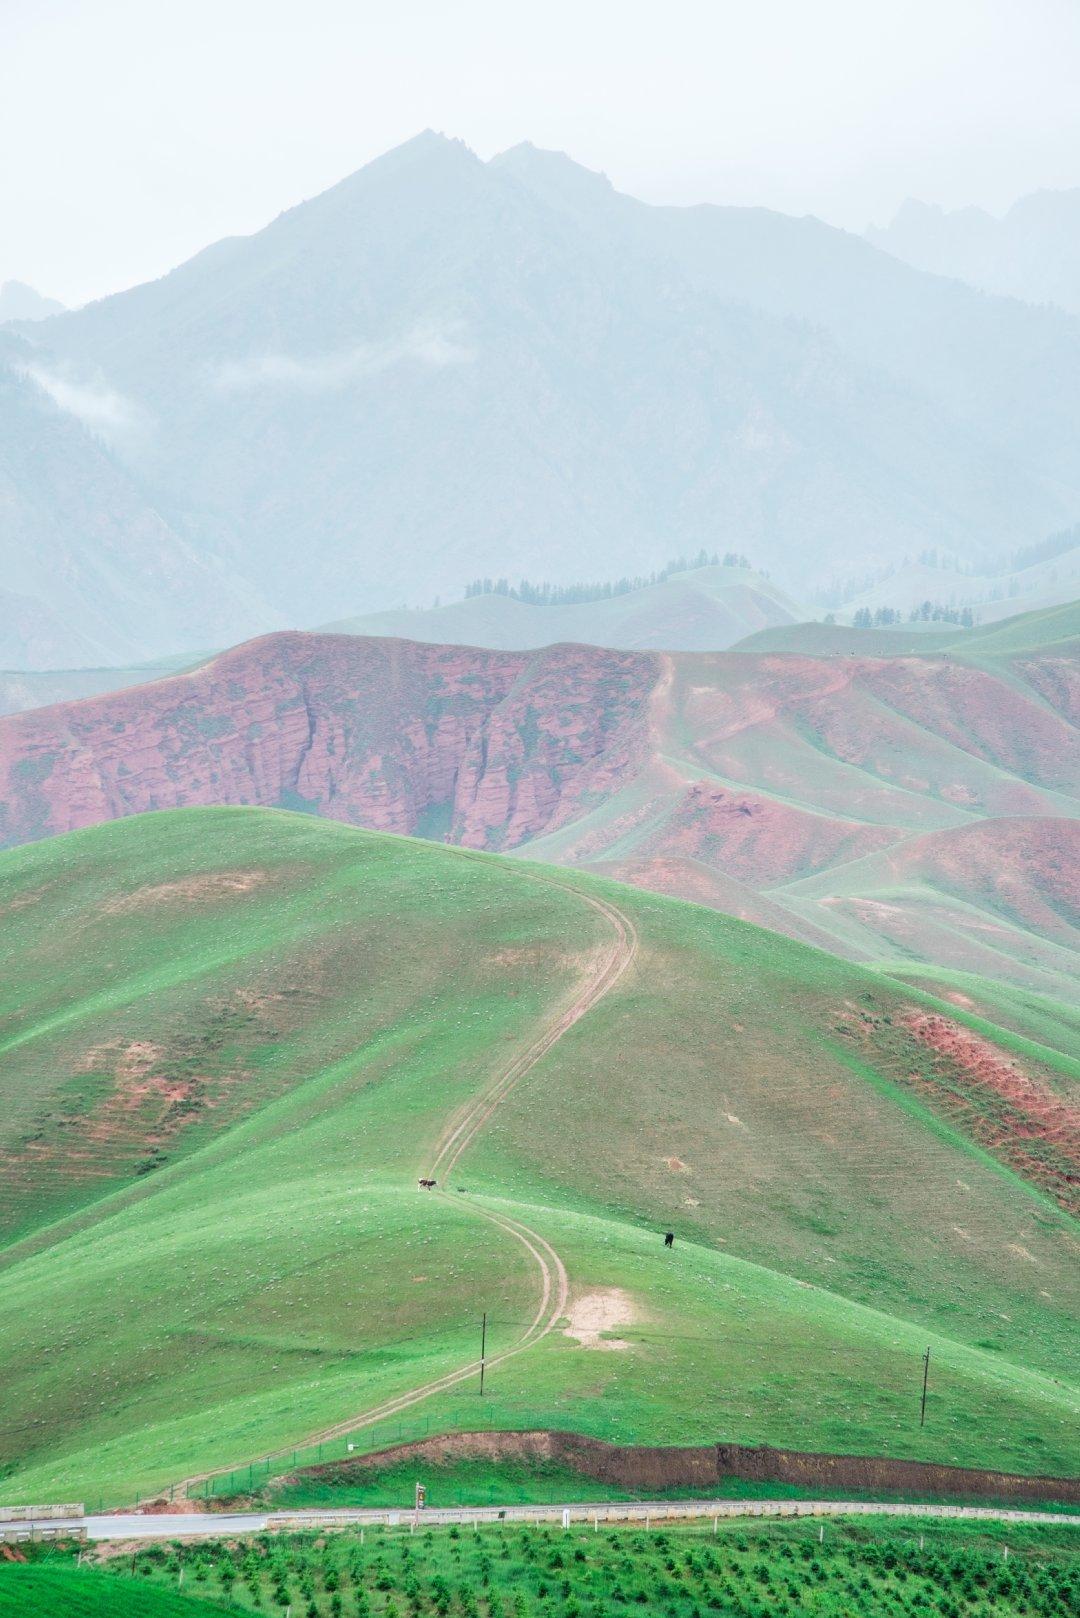 青海祁连县,卓尔山,丹霞地貌与草原融为一体